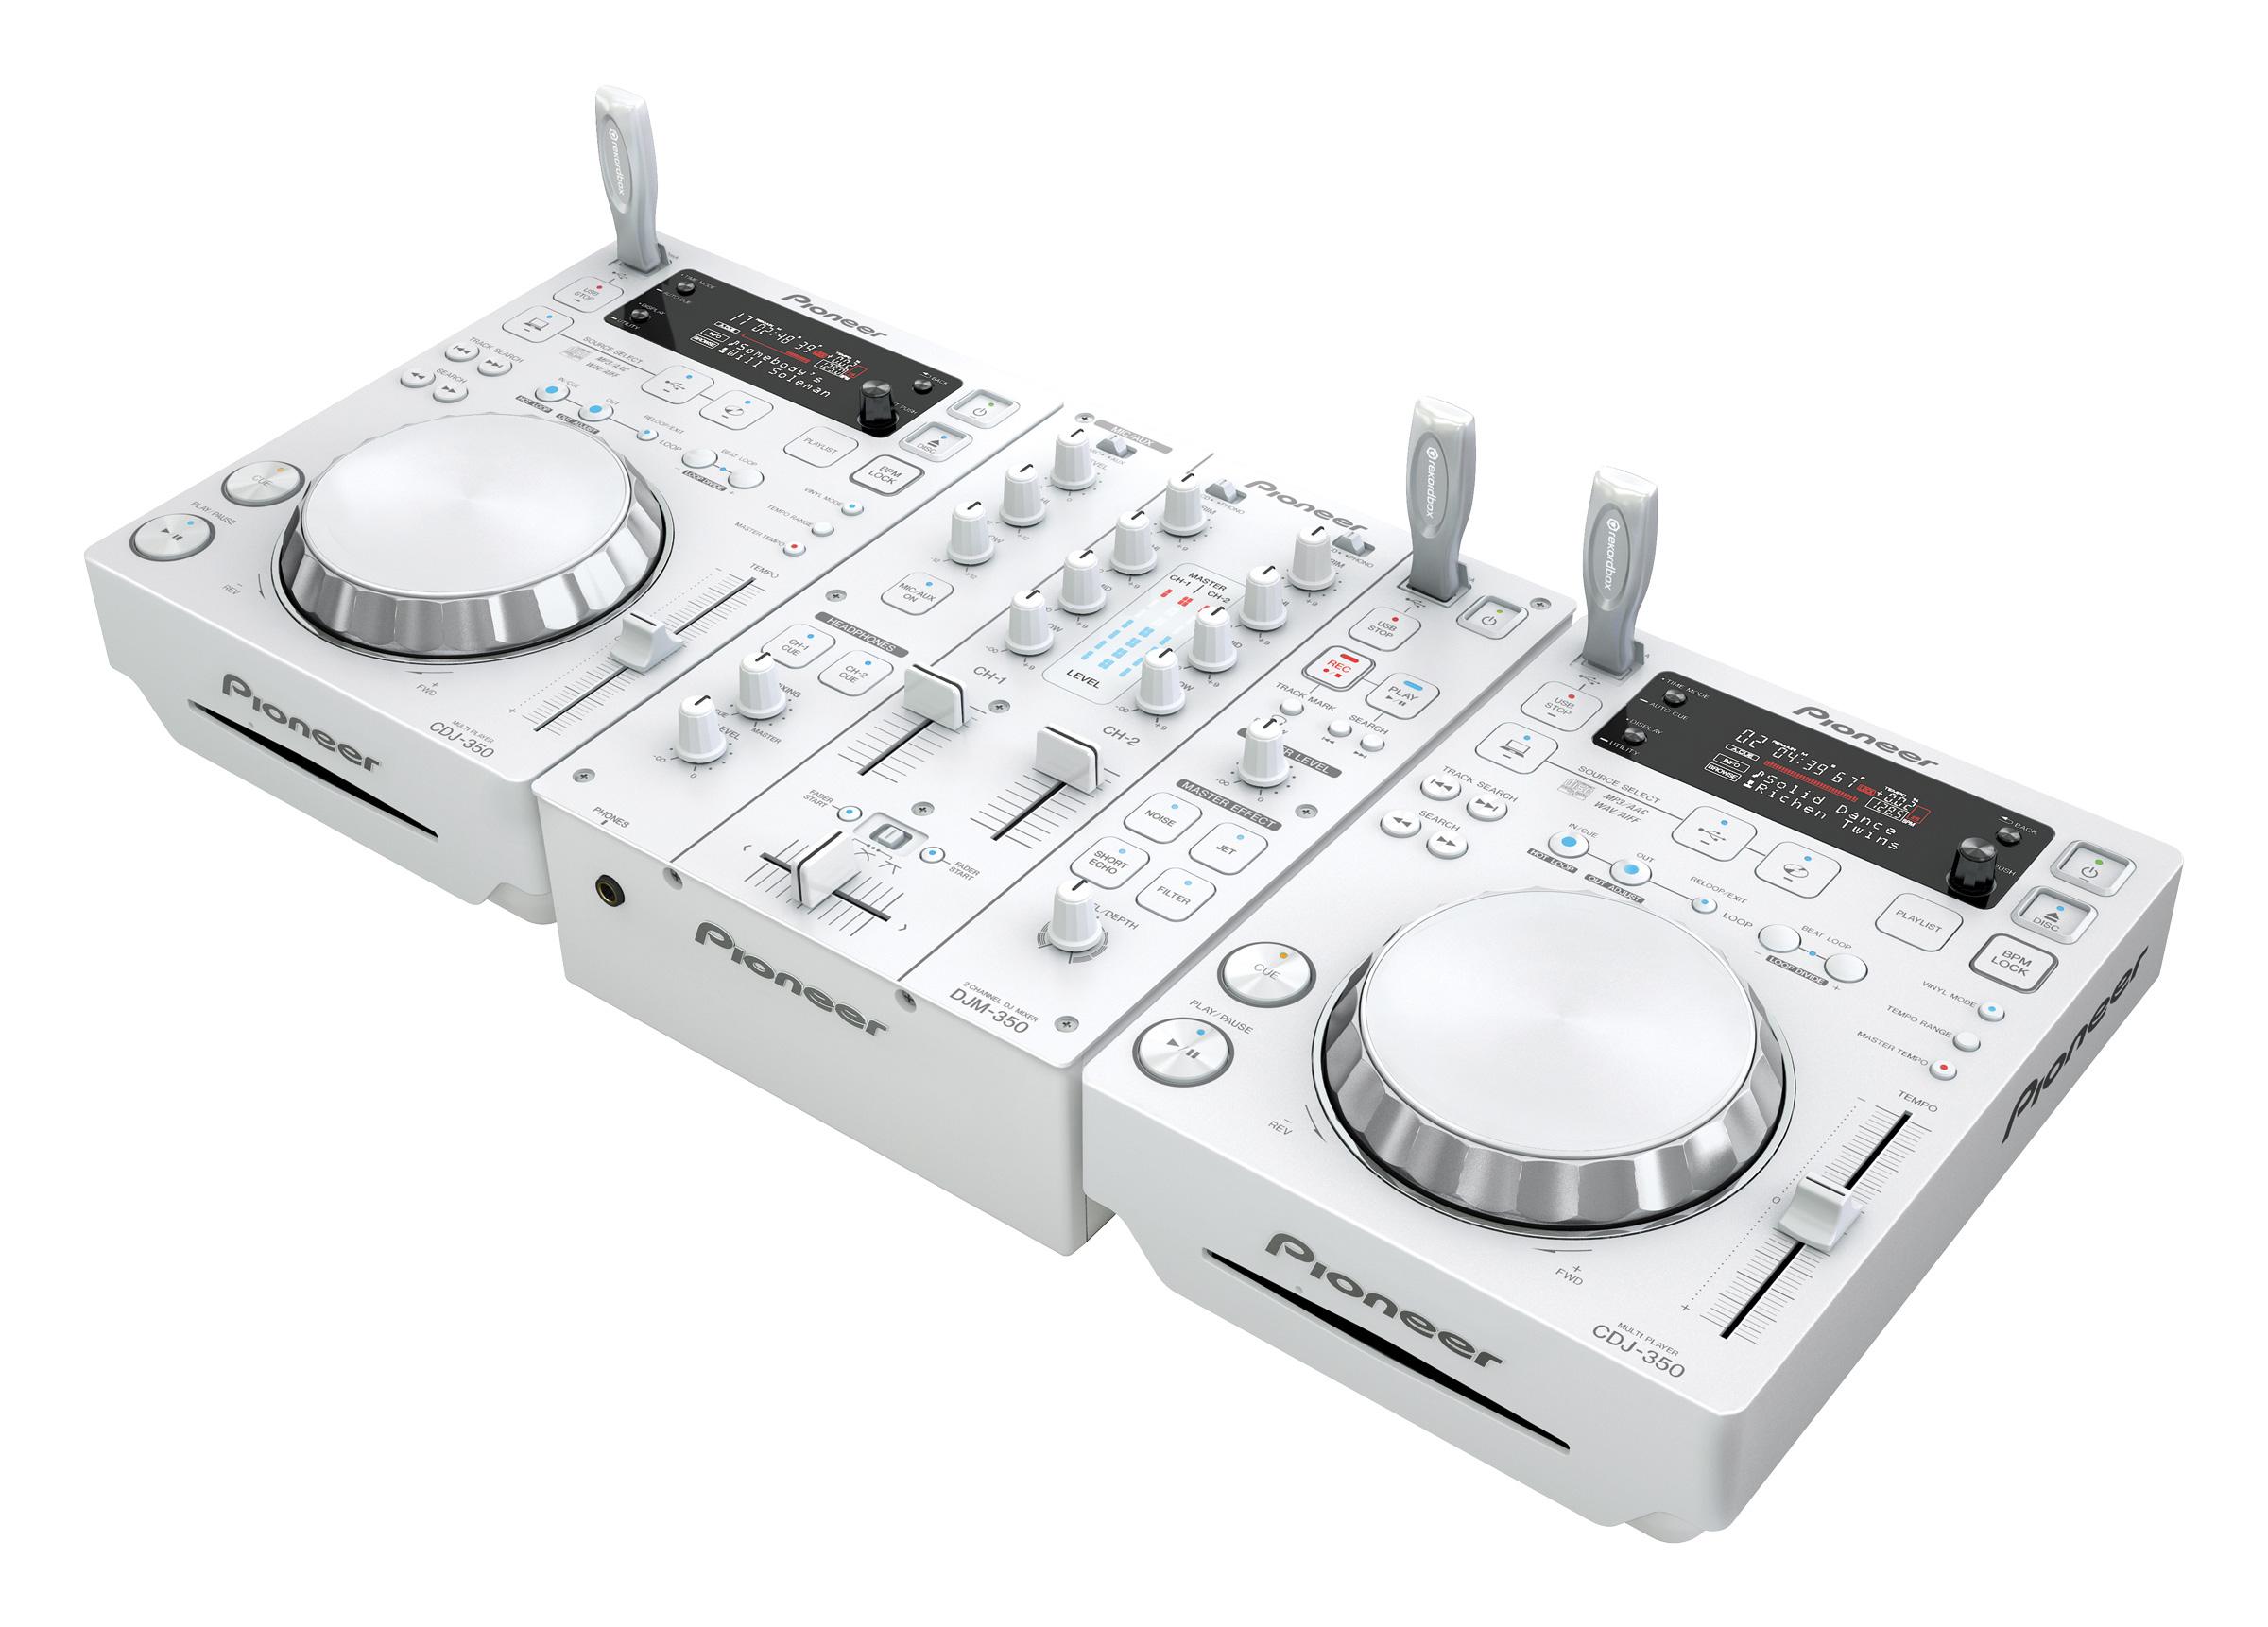 REPRODUCTORES PIONEER DJ COSTO